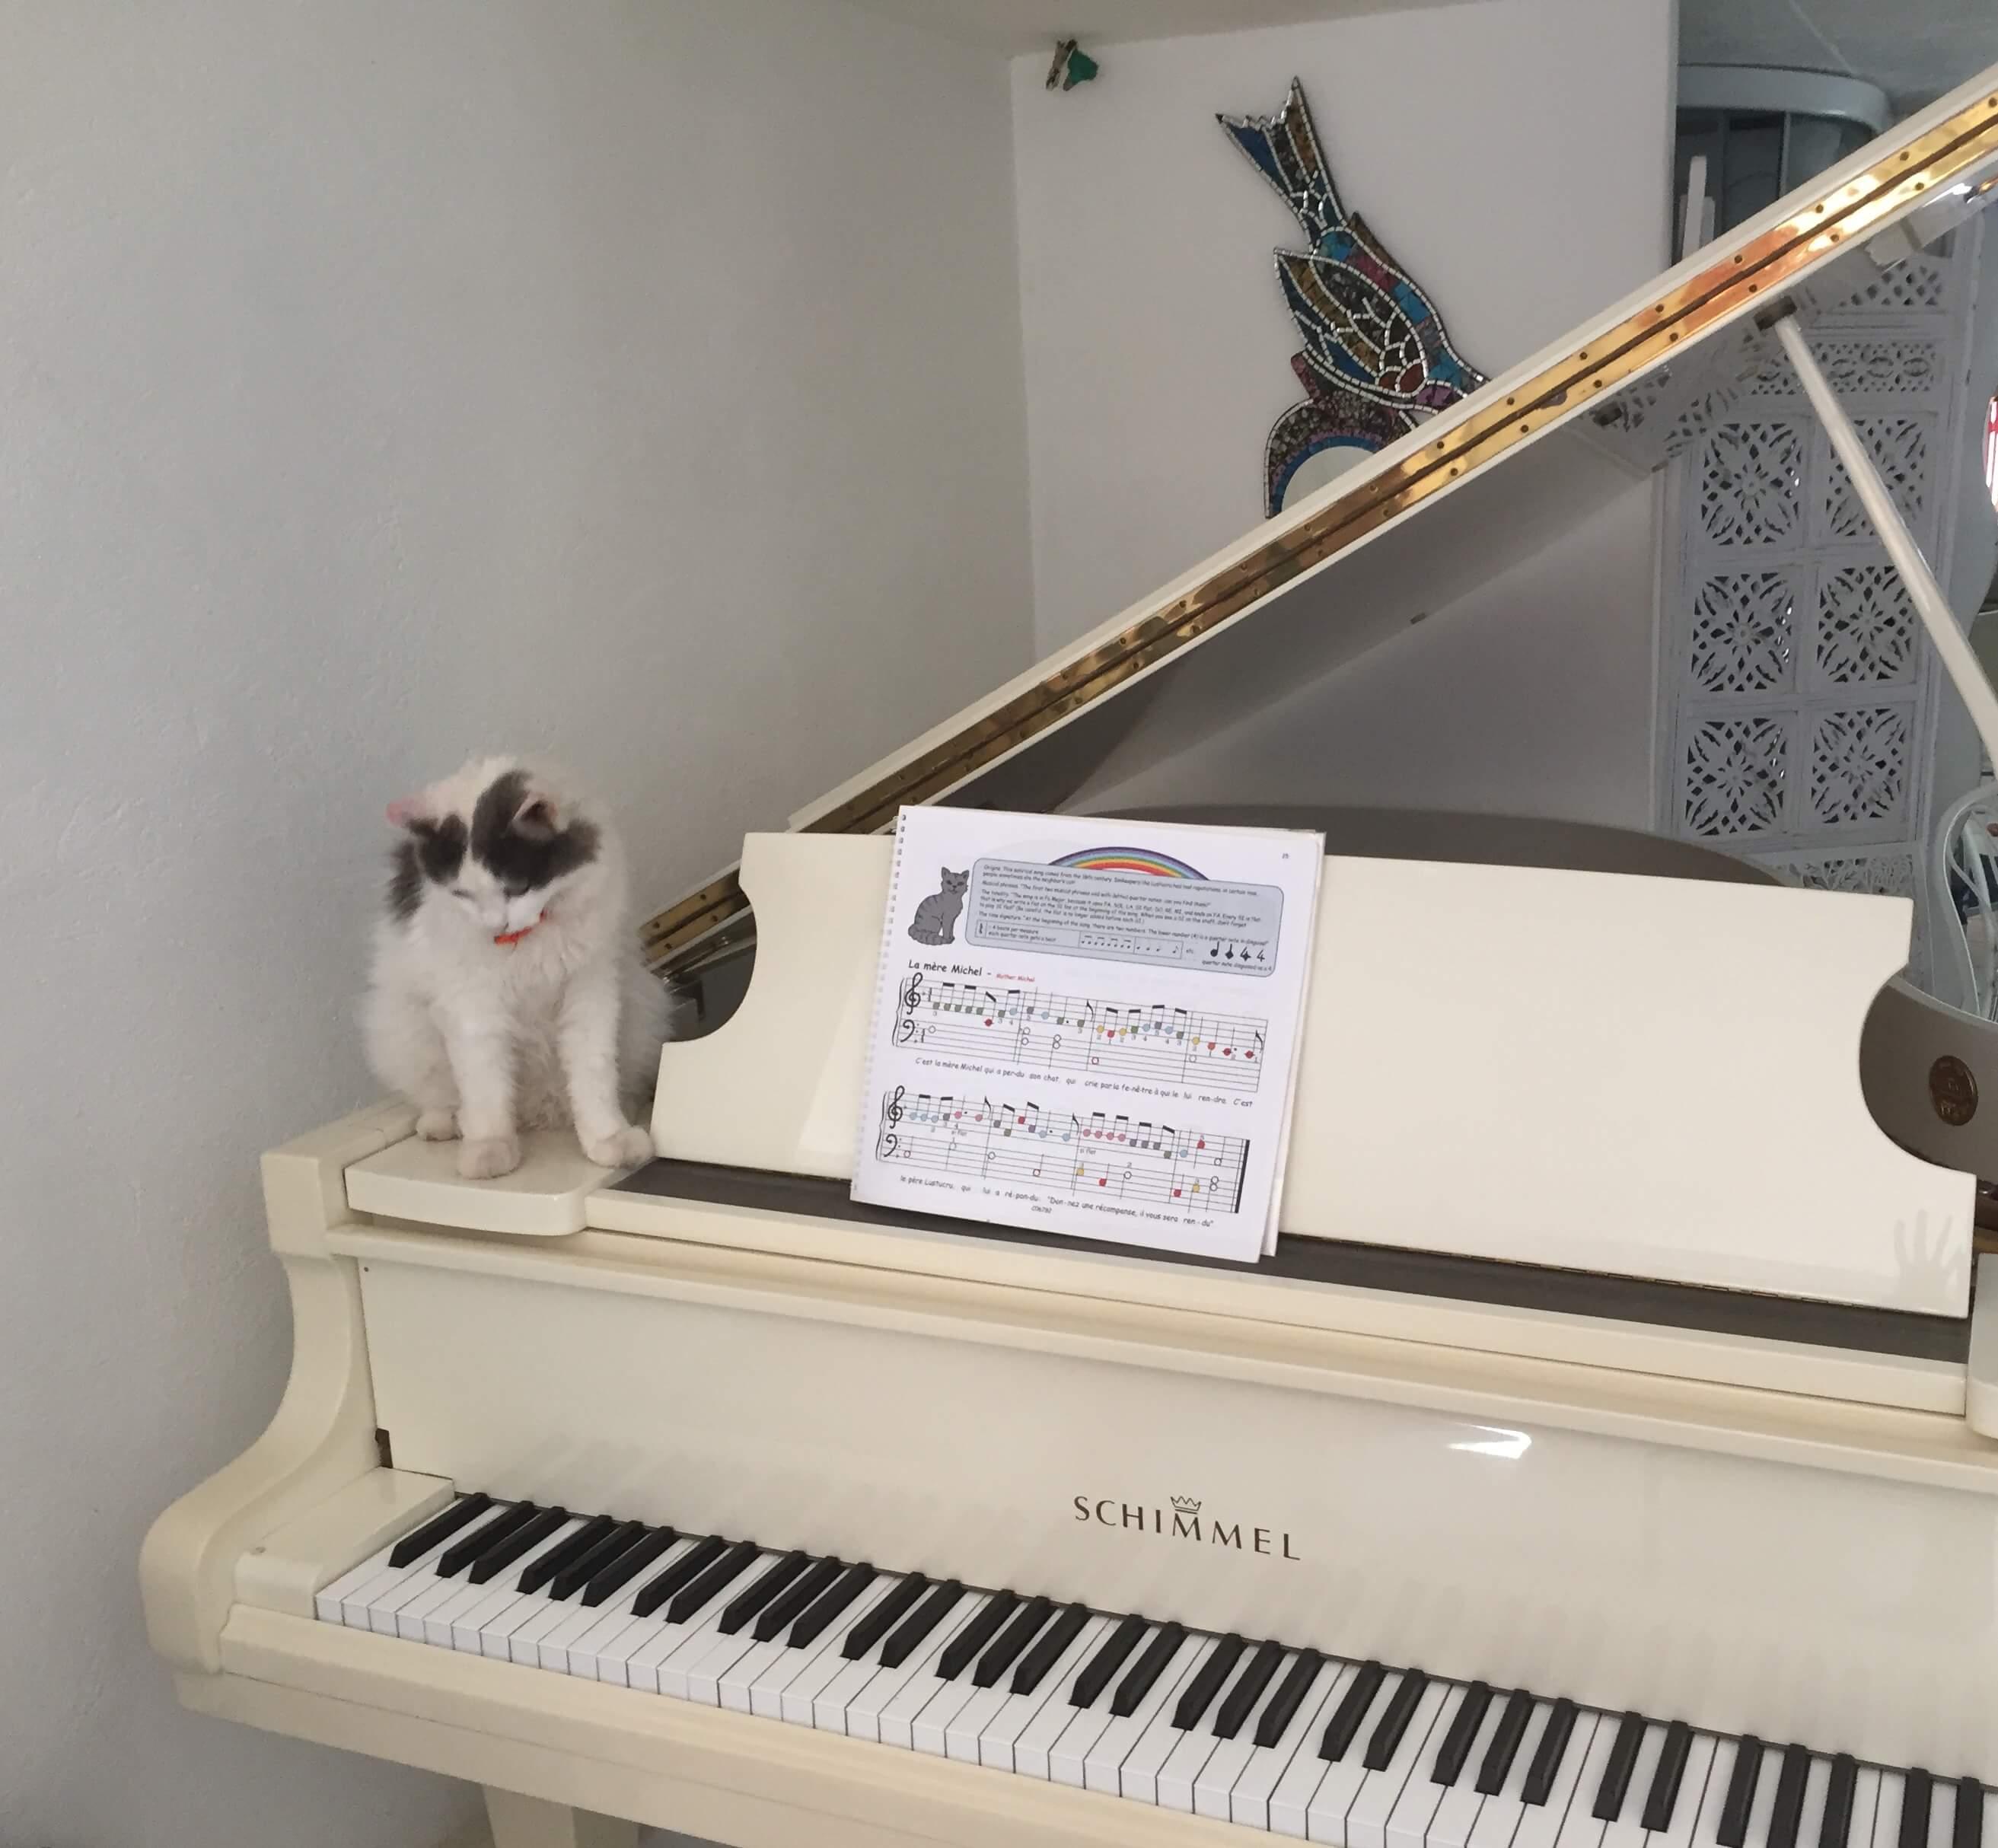 chat blanc sur une piano blanc arc en ciel